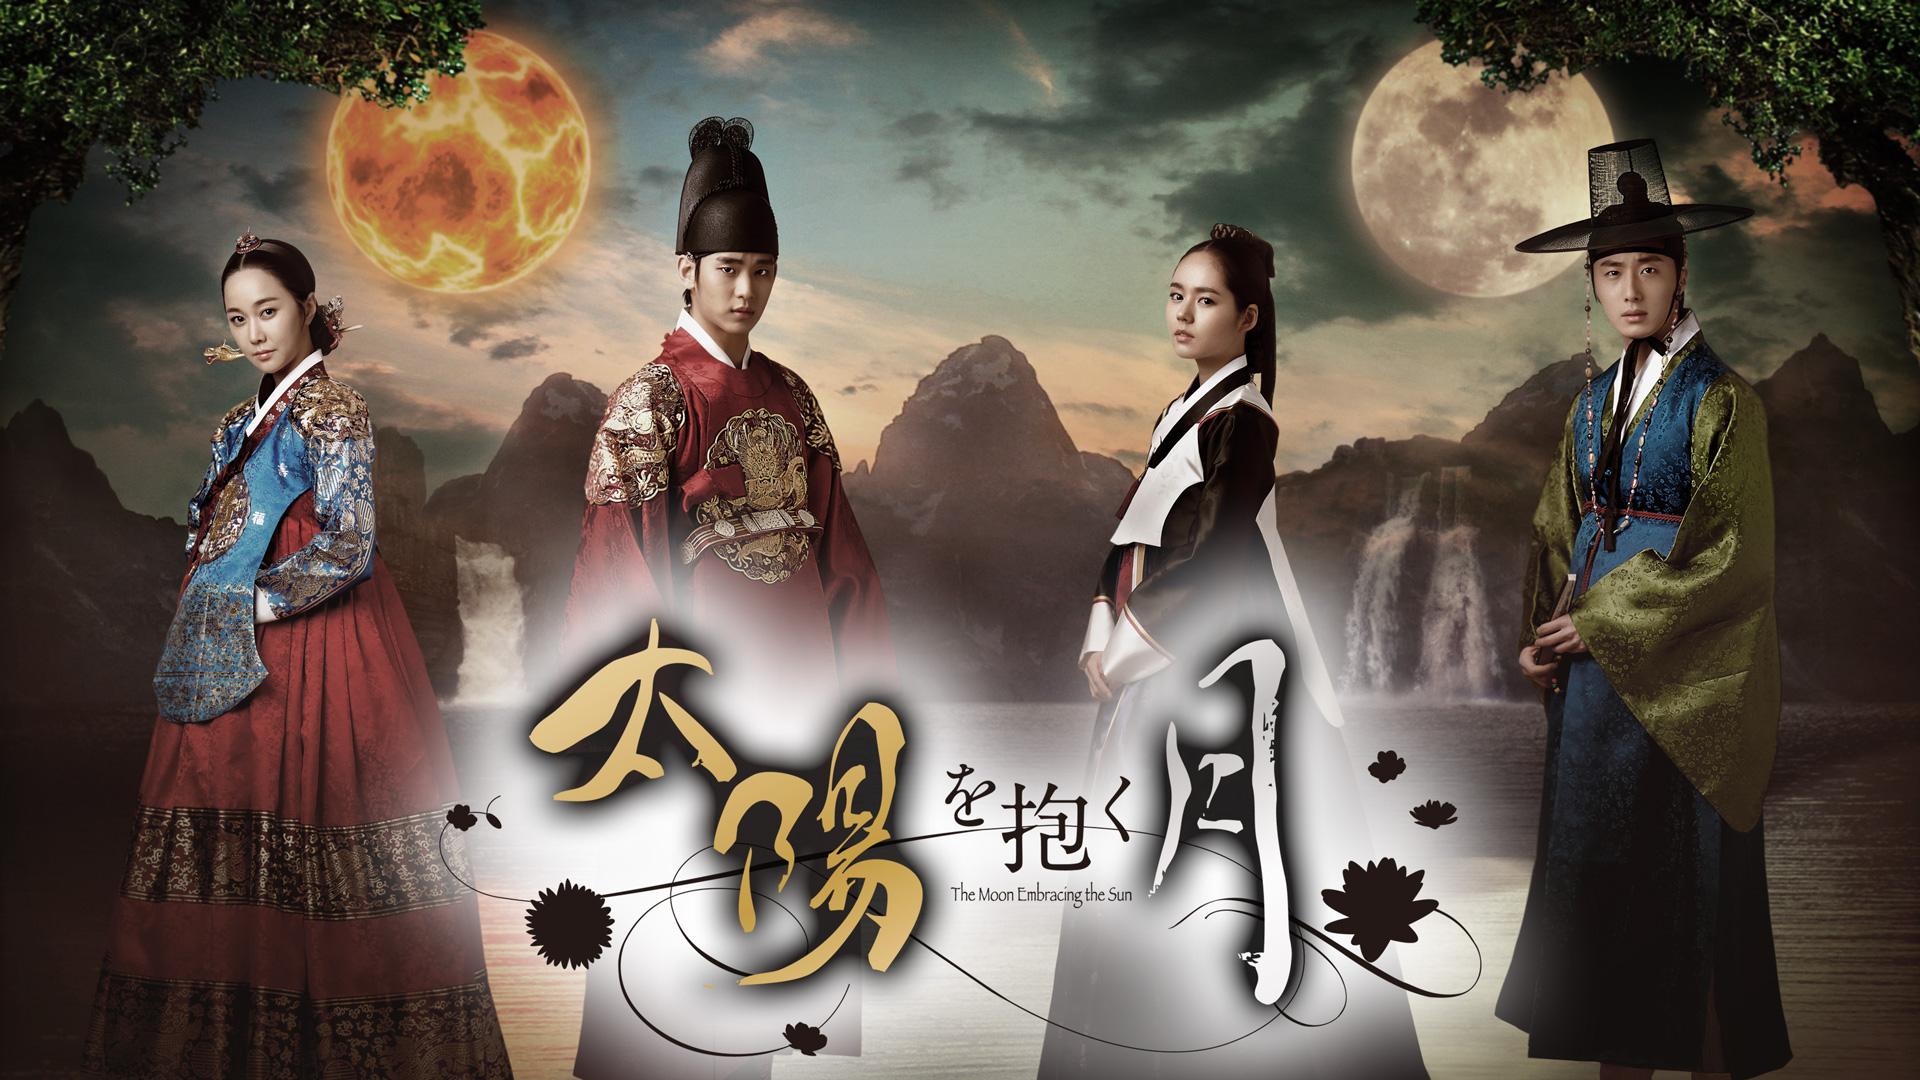 [ドラマ] 太陽を抱く月 全20話 (2012) (WEBRIP)